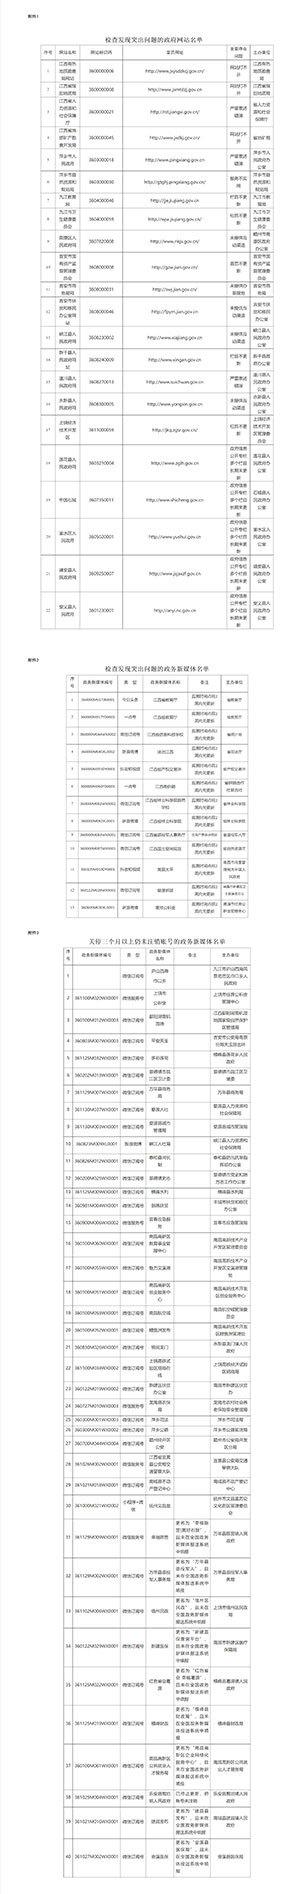 江西22家政府网站存在问题:九江教育网、新干县人民政府网等被点名通报